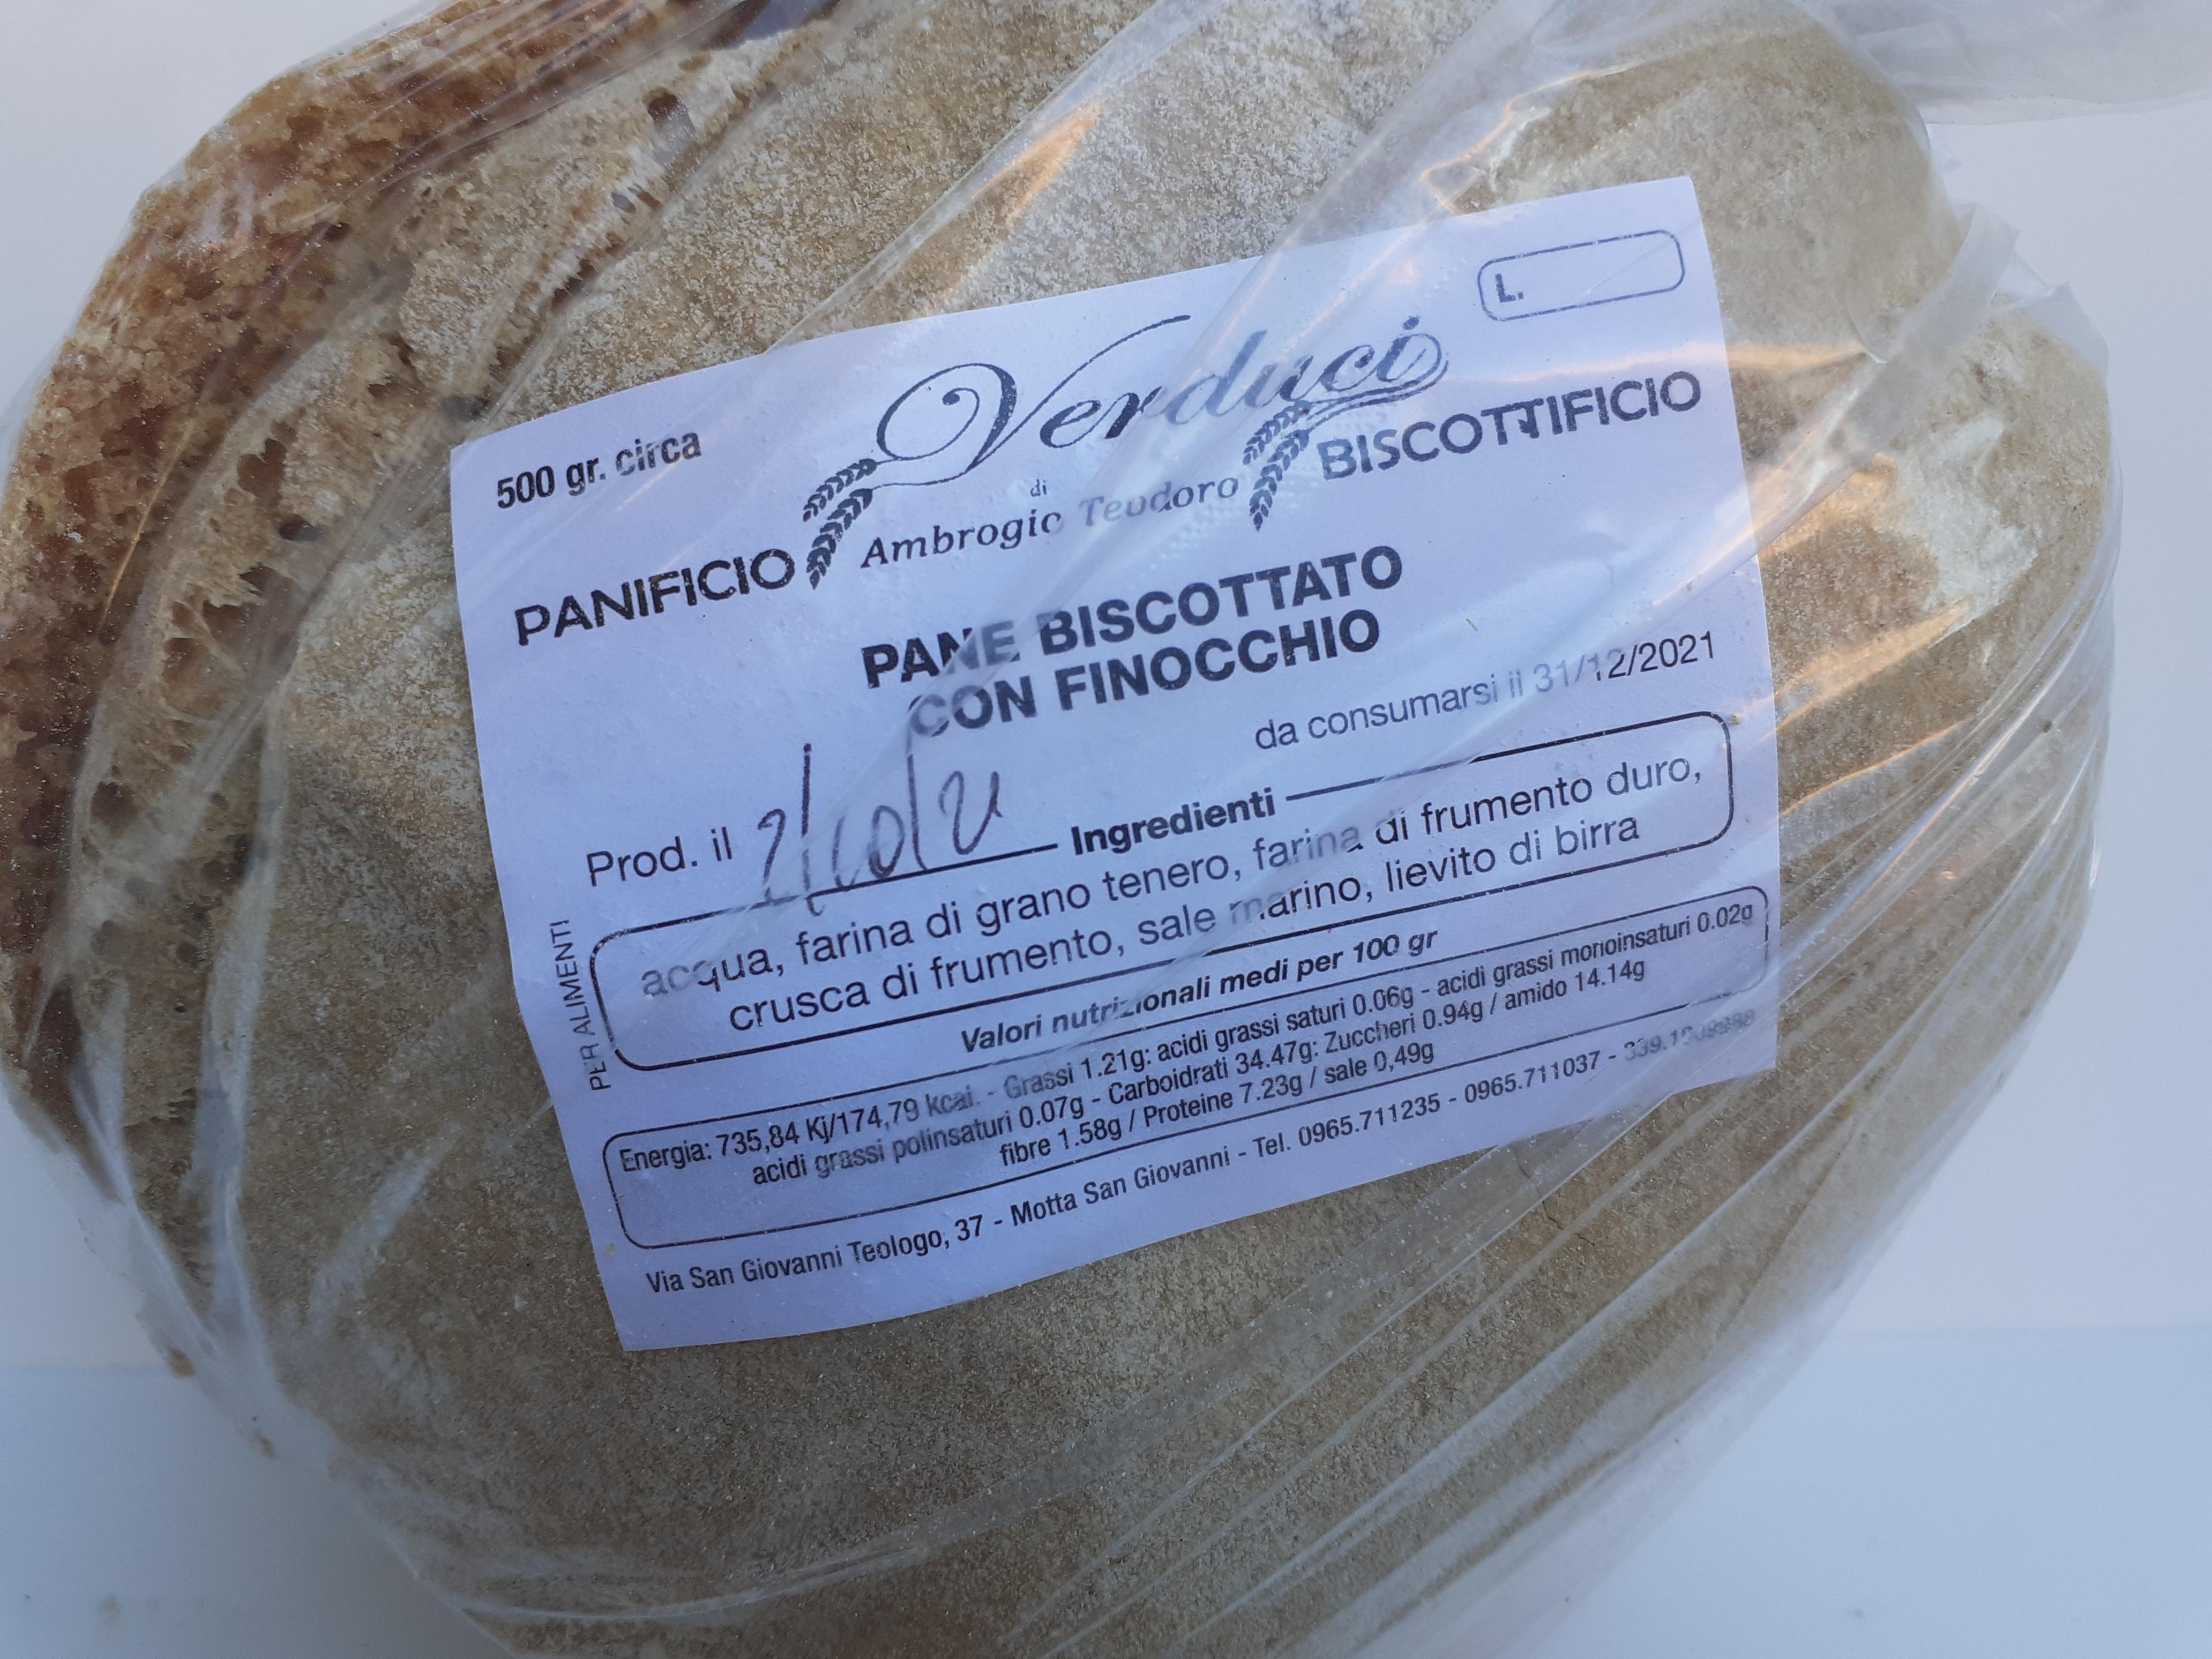 Fresa Biscottata con Finocchio 500g. Panificio e Biscottificio VERDUCI di Ambrogio Teodoro Motta San Giovanni (RC).